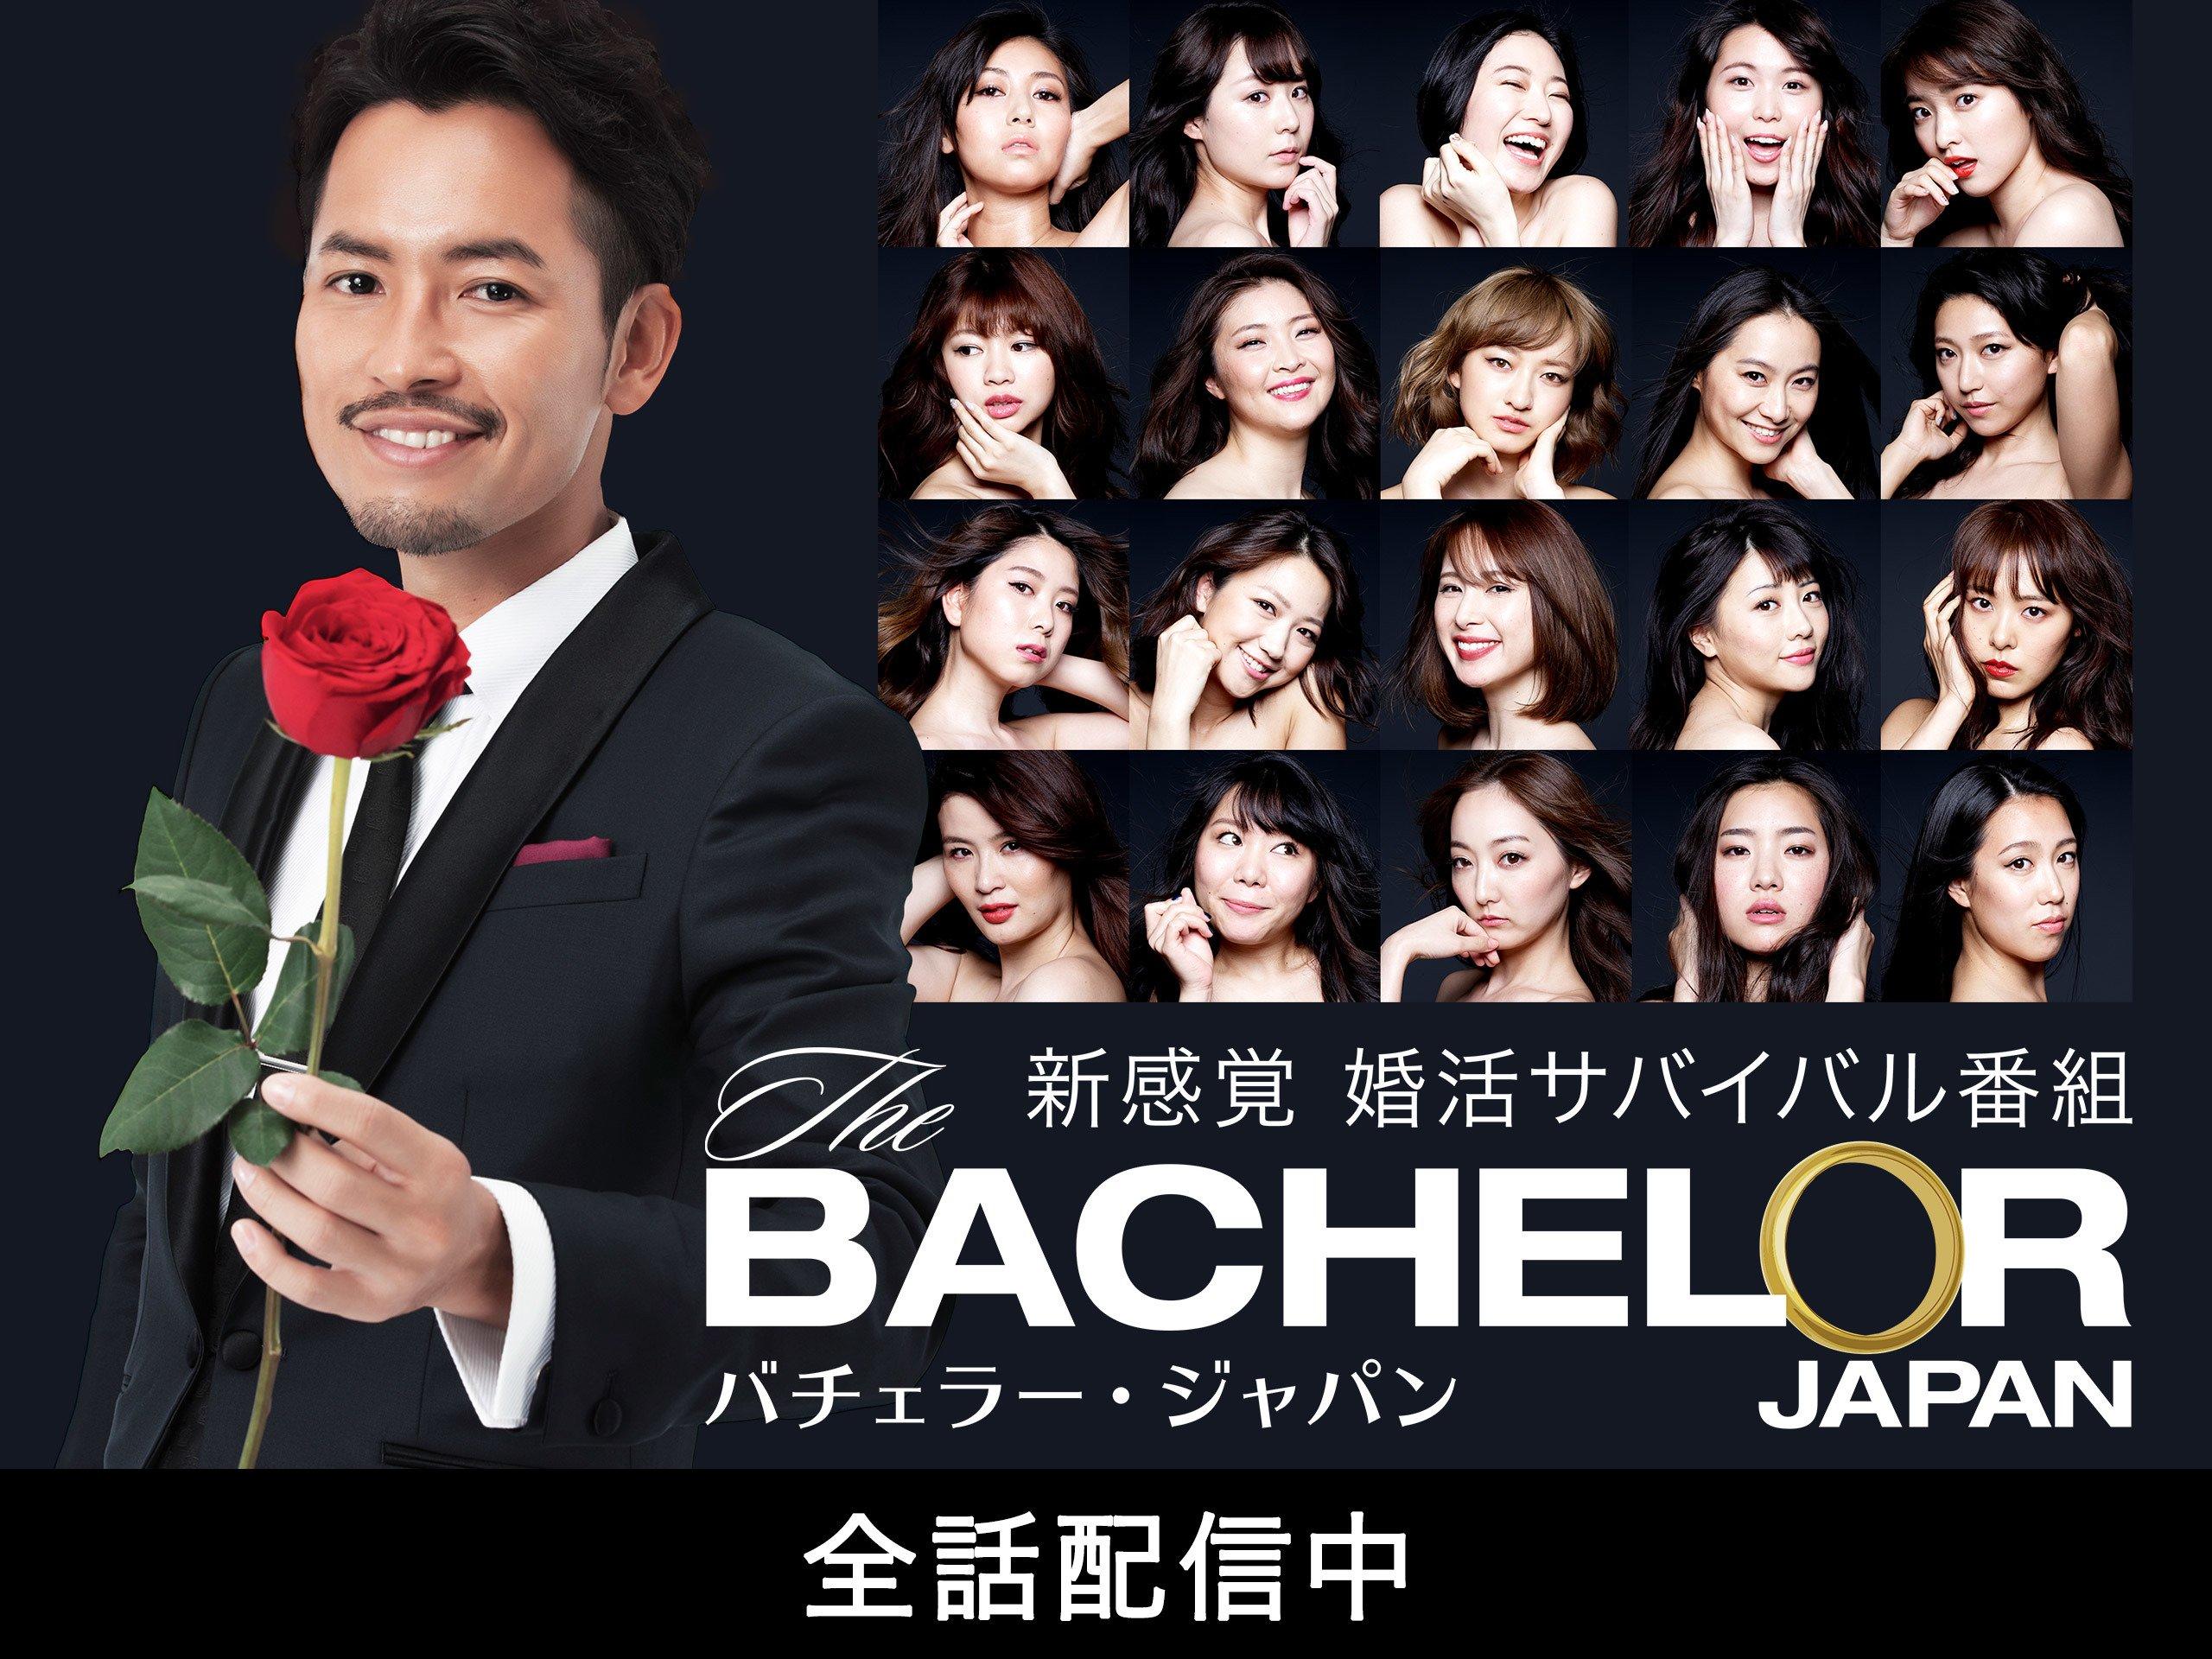 Amazon.co.jp バチェラー・ジャパン シーズン1を観る